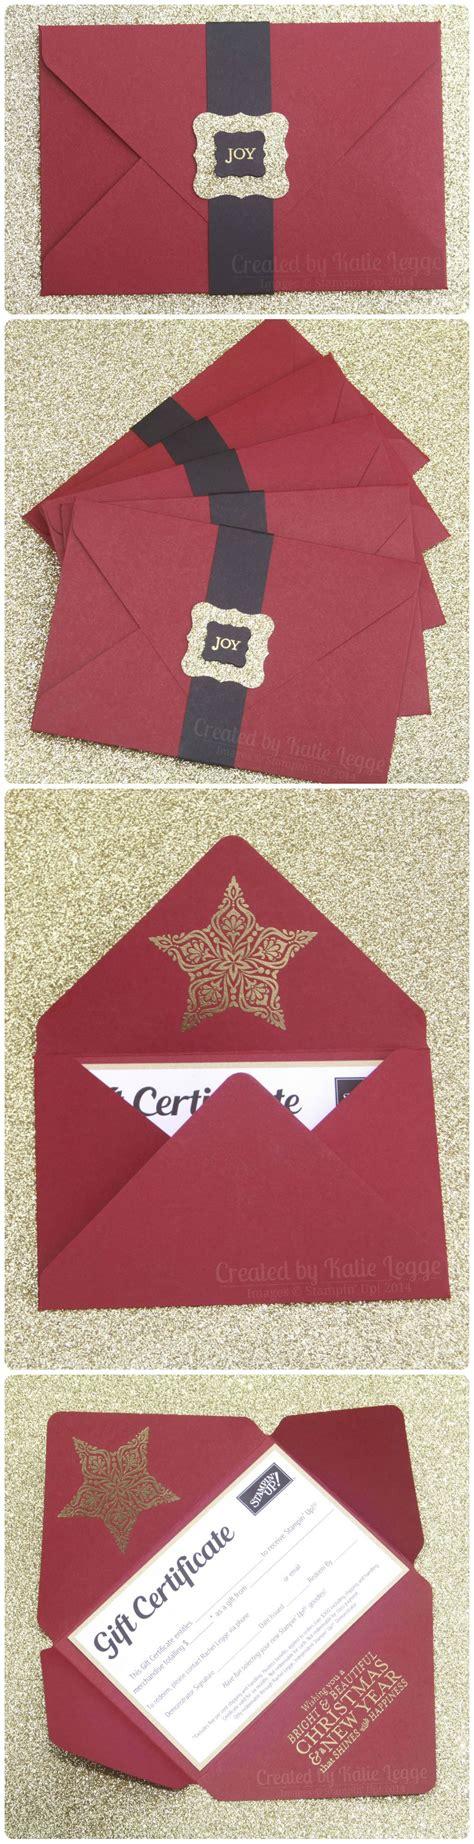 Handmade Gift Envelopes - gift certificates now available handmade envelopes